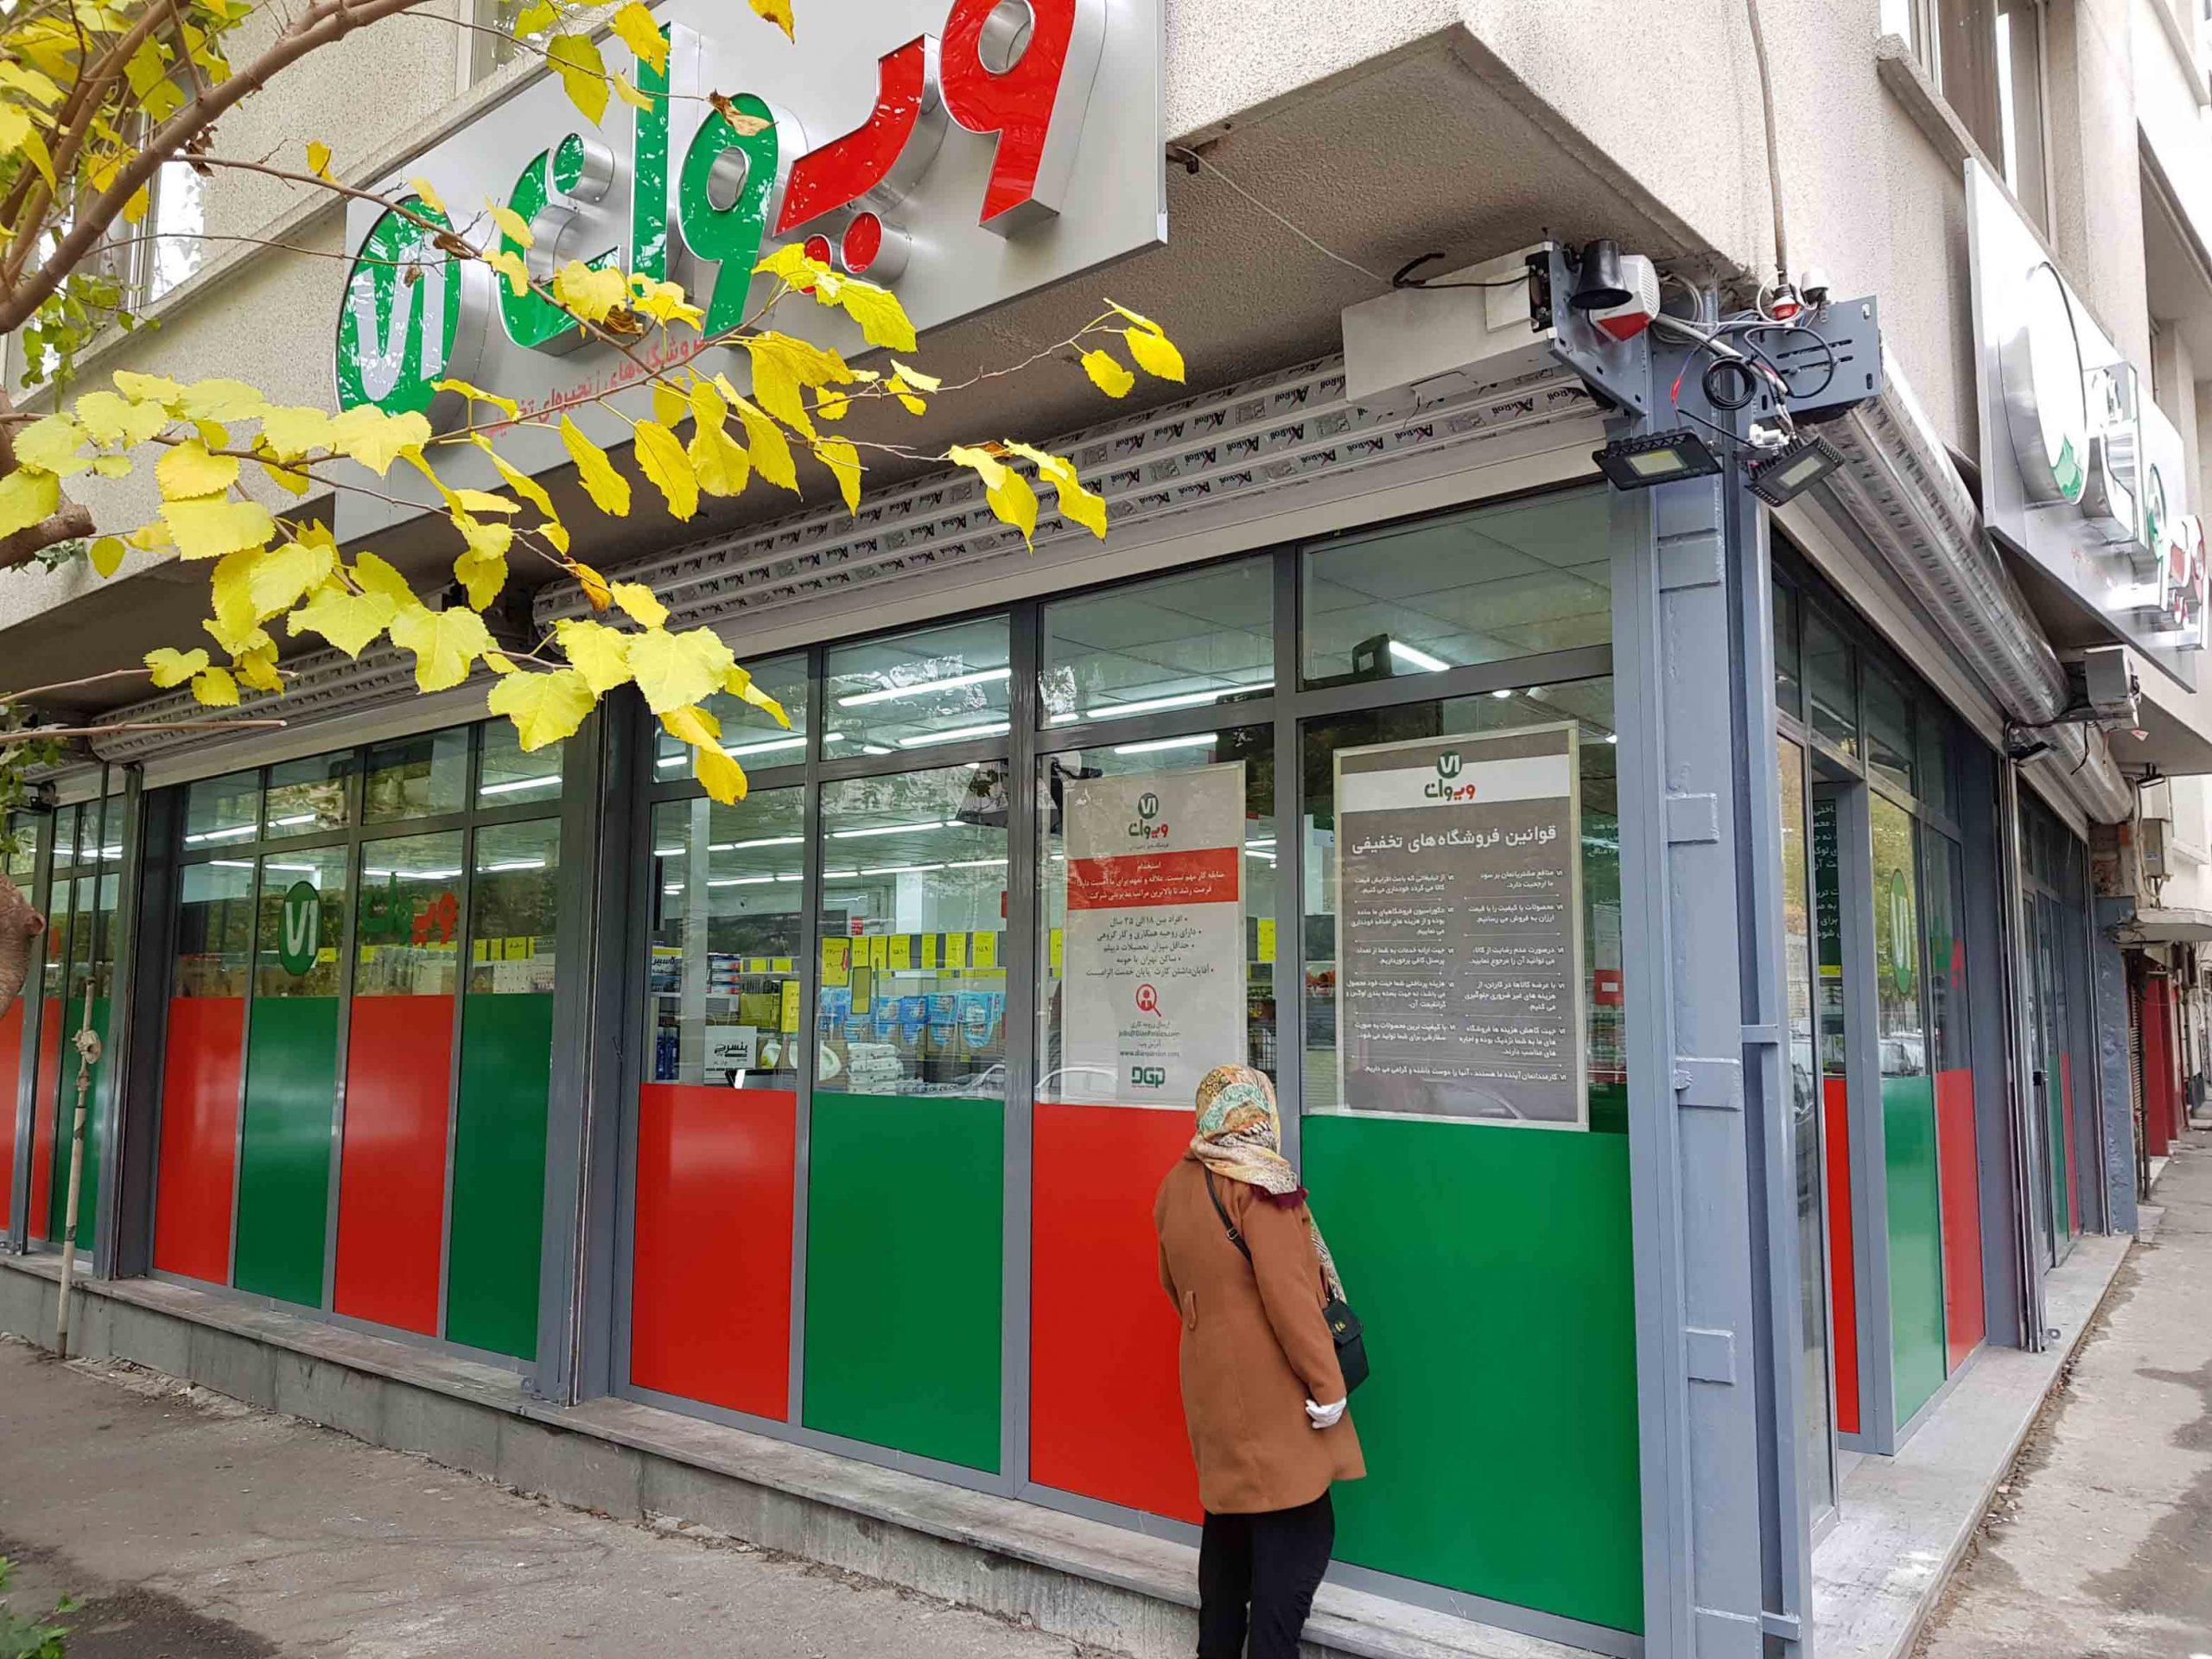 فروشگاه های زنجیره ای تخفیفی ویوان در فلسطین افتتاح شد